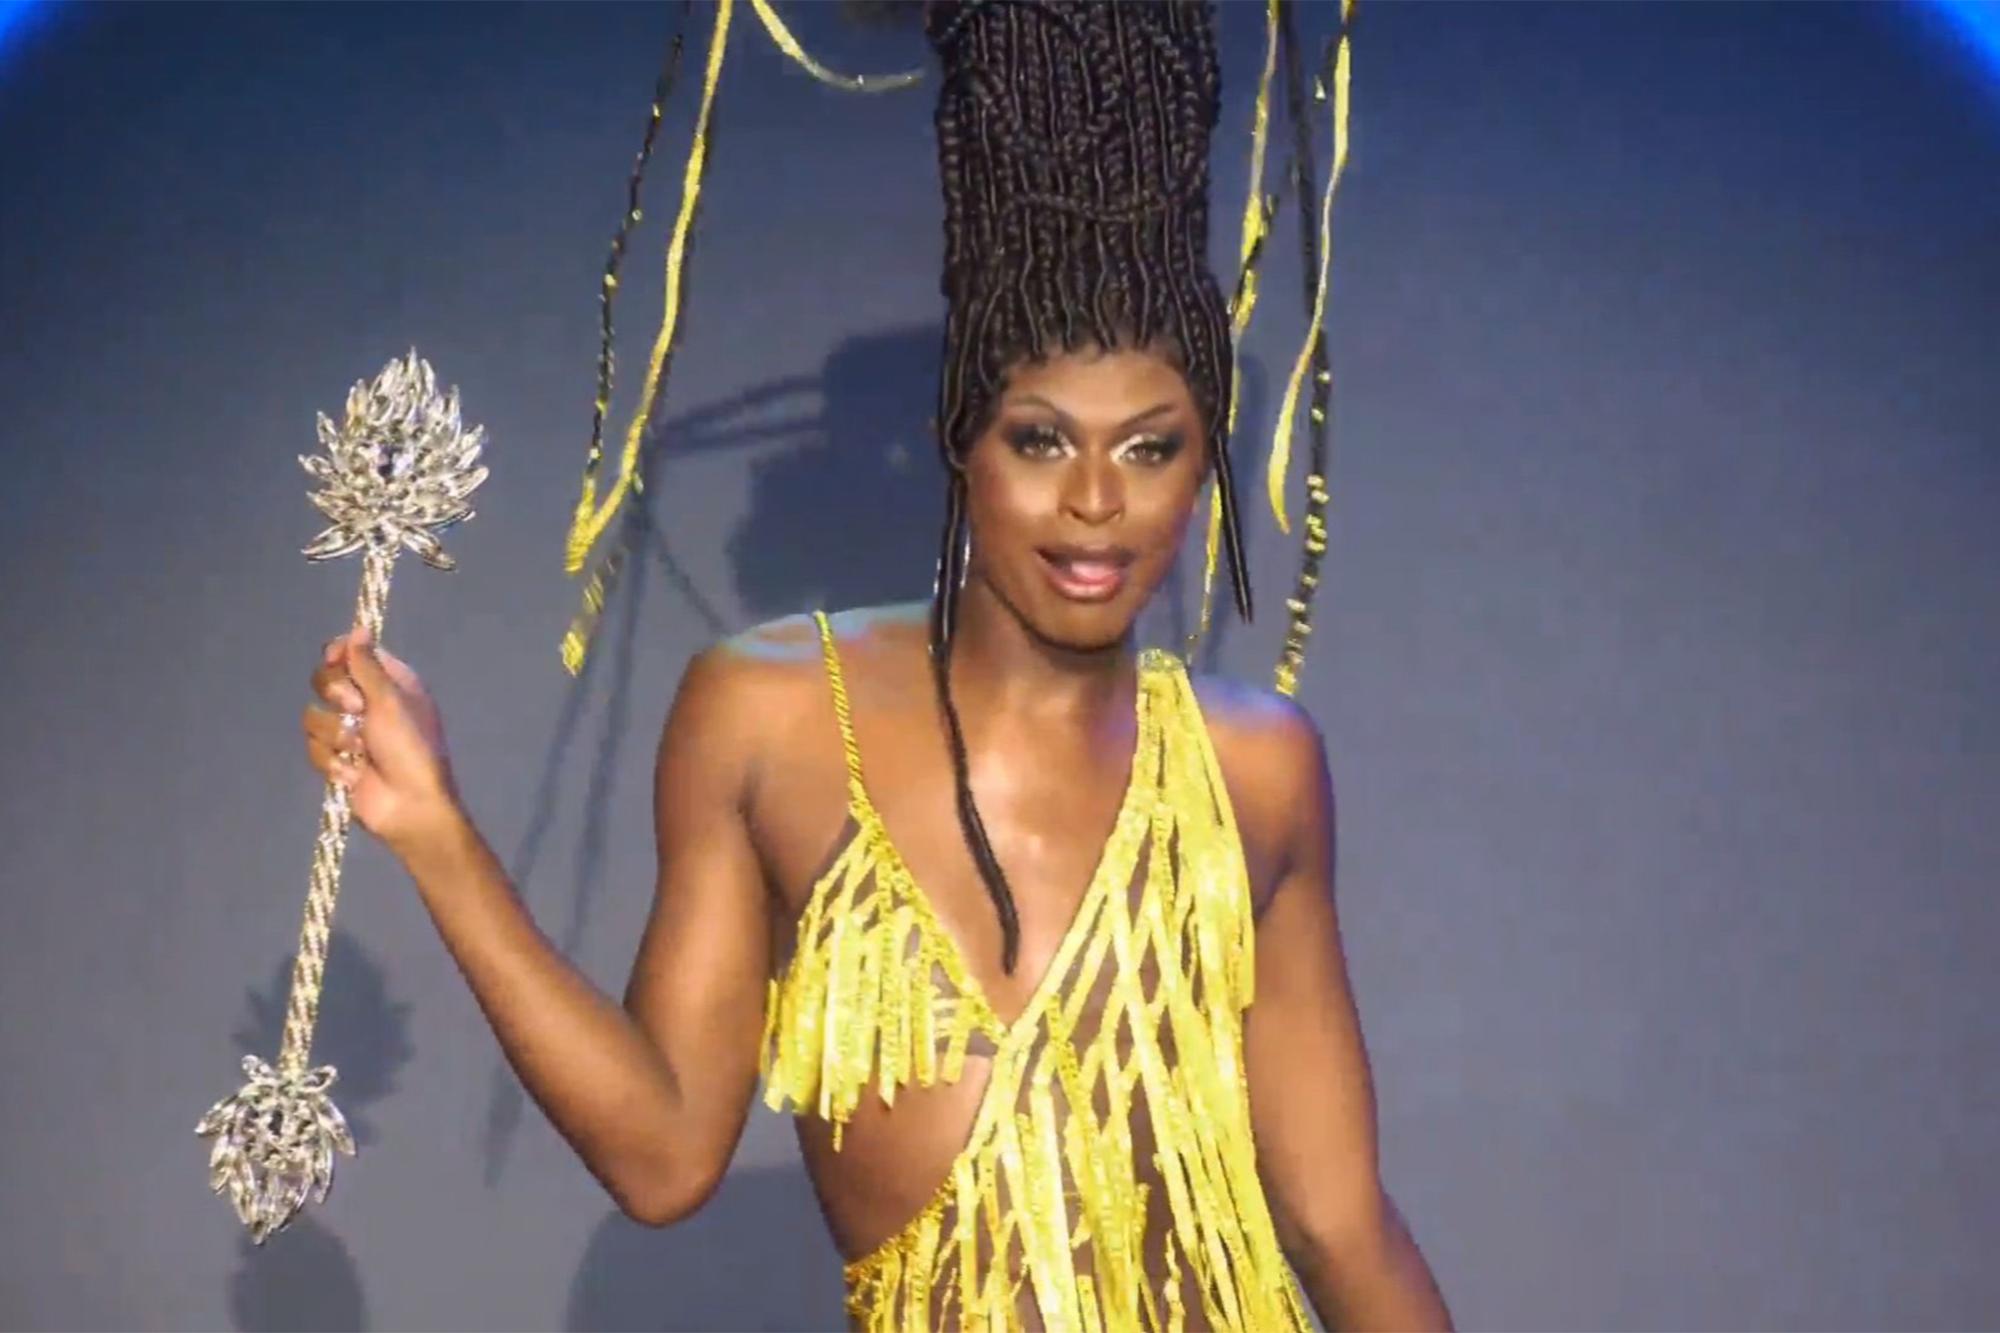 Cena da 13ª temporada do reality show RuPaul's Drag Race. Nela, vemos Symone, drag negra, magra e de peruca preta com adornos de confete dourados, andando com um cetro prateado. Seu vestido segue o mesmo padrão amarelo dos confetes do cabelo